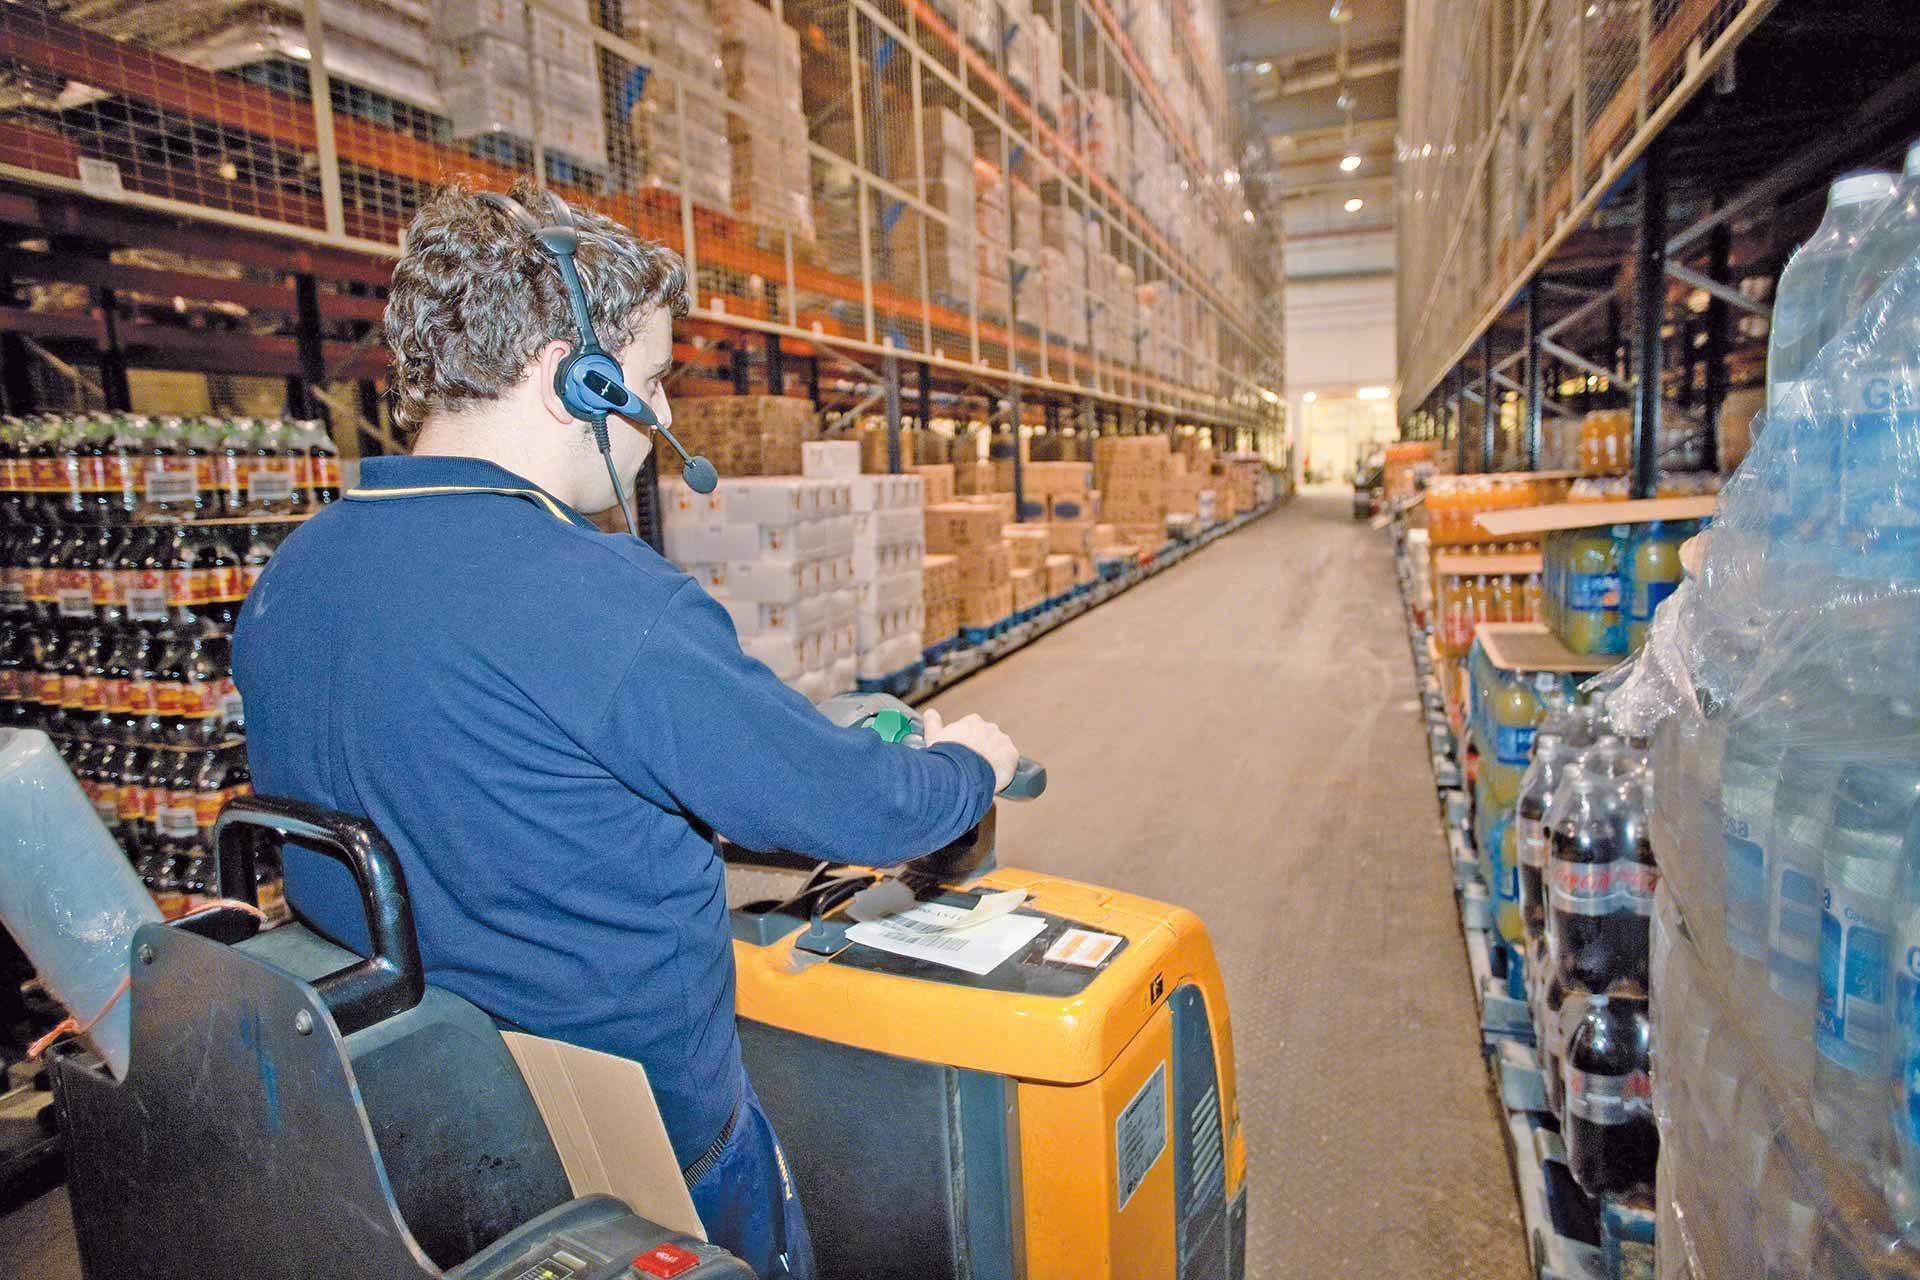 Un operario prepara pedidos en cajas asistido por un sistema de picking por voz